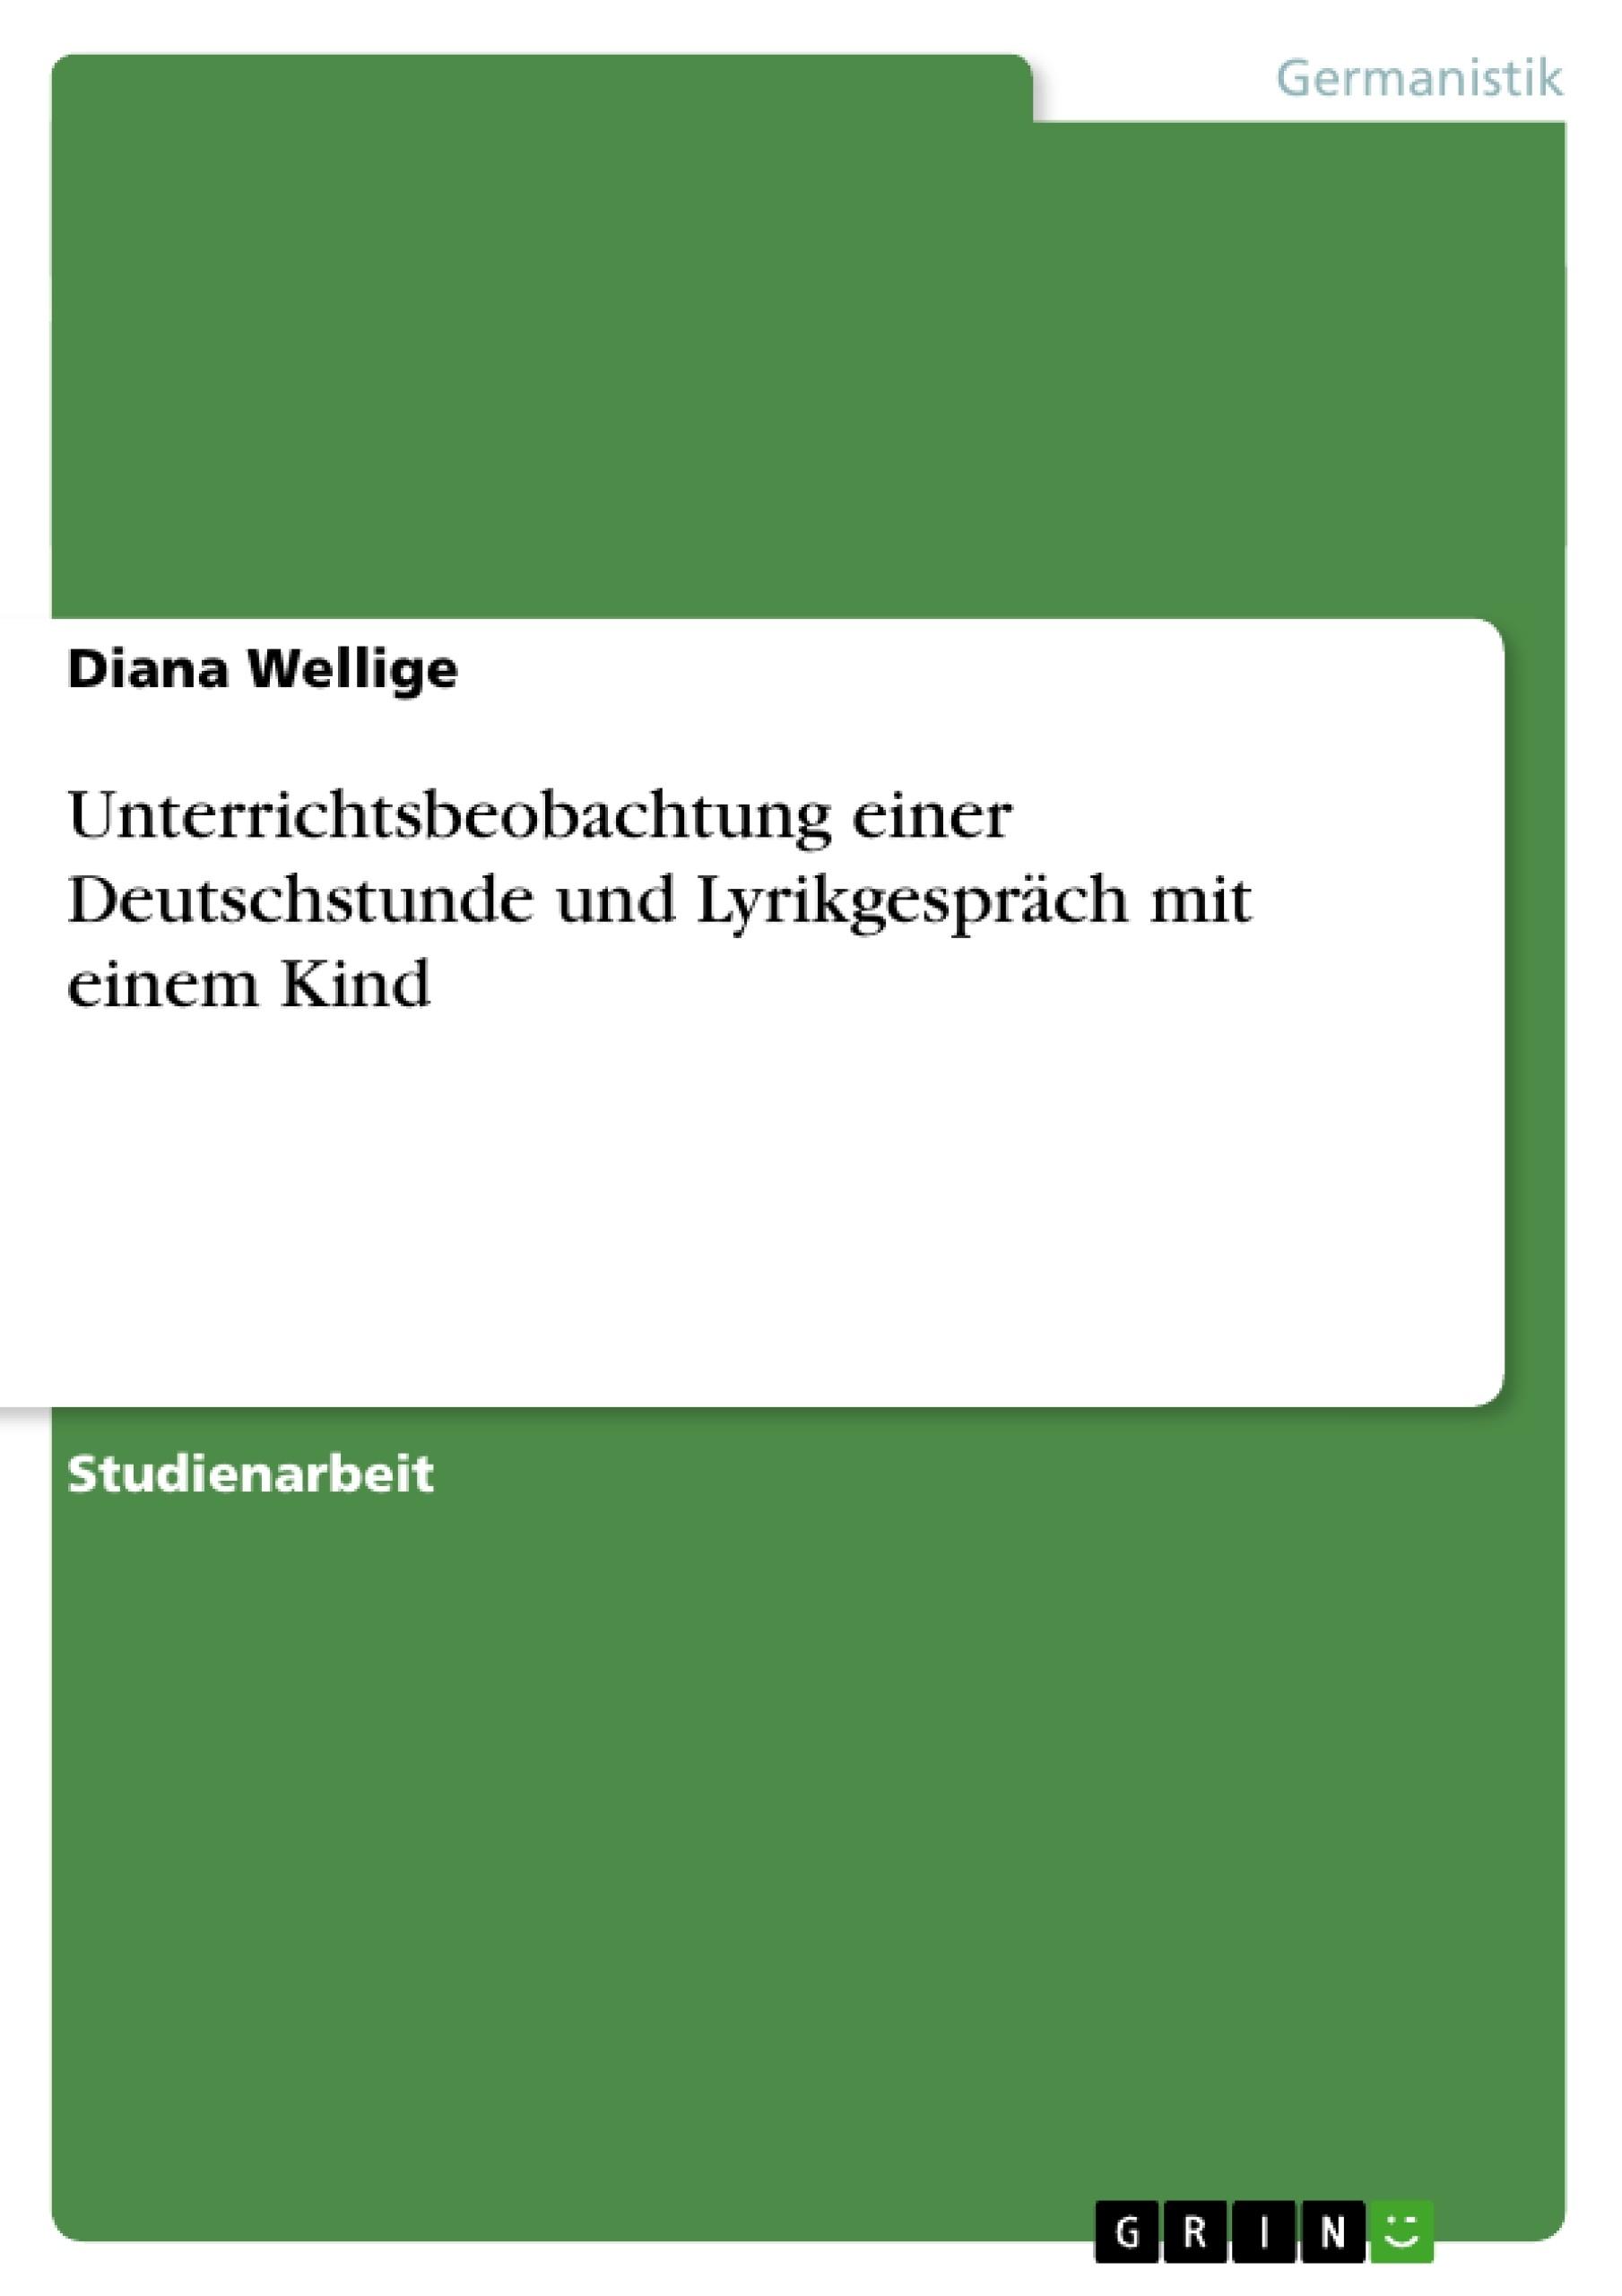 Titel: Unterrichtsbeobachtung einer Deutschstunde und Lyrikgespräch mit einem Kind